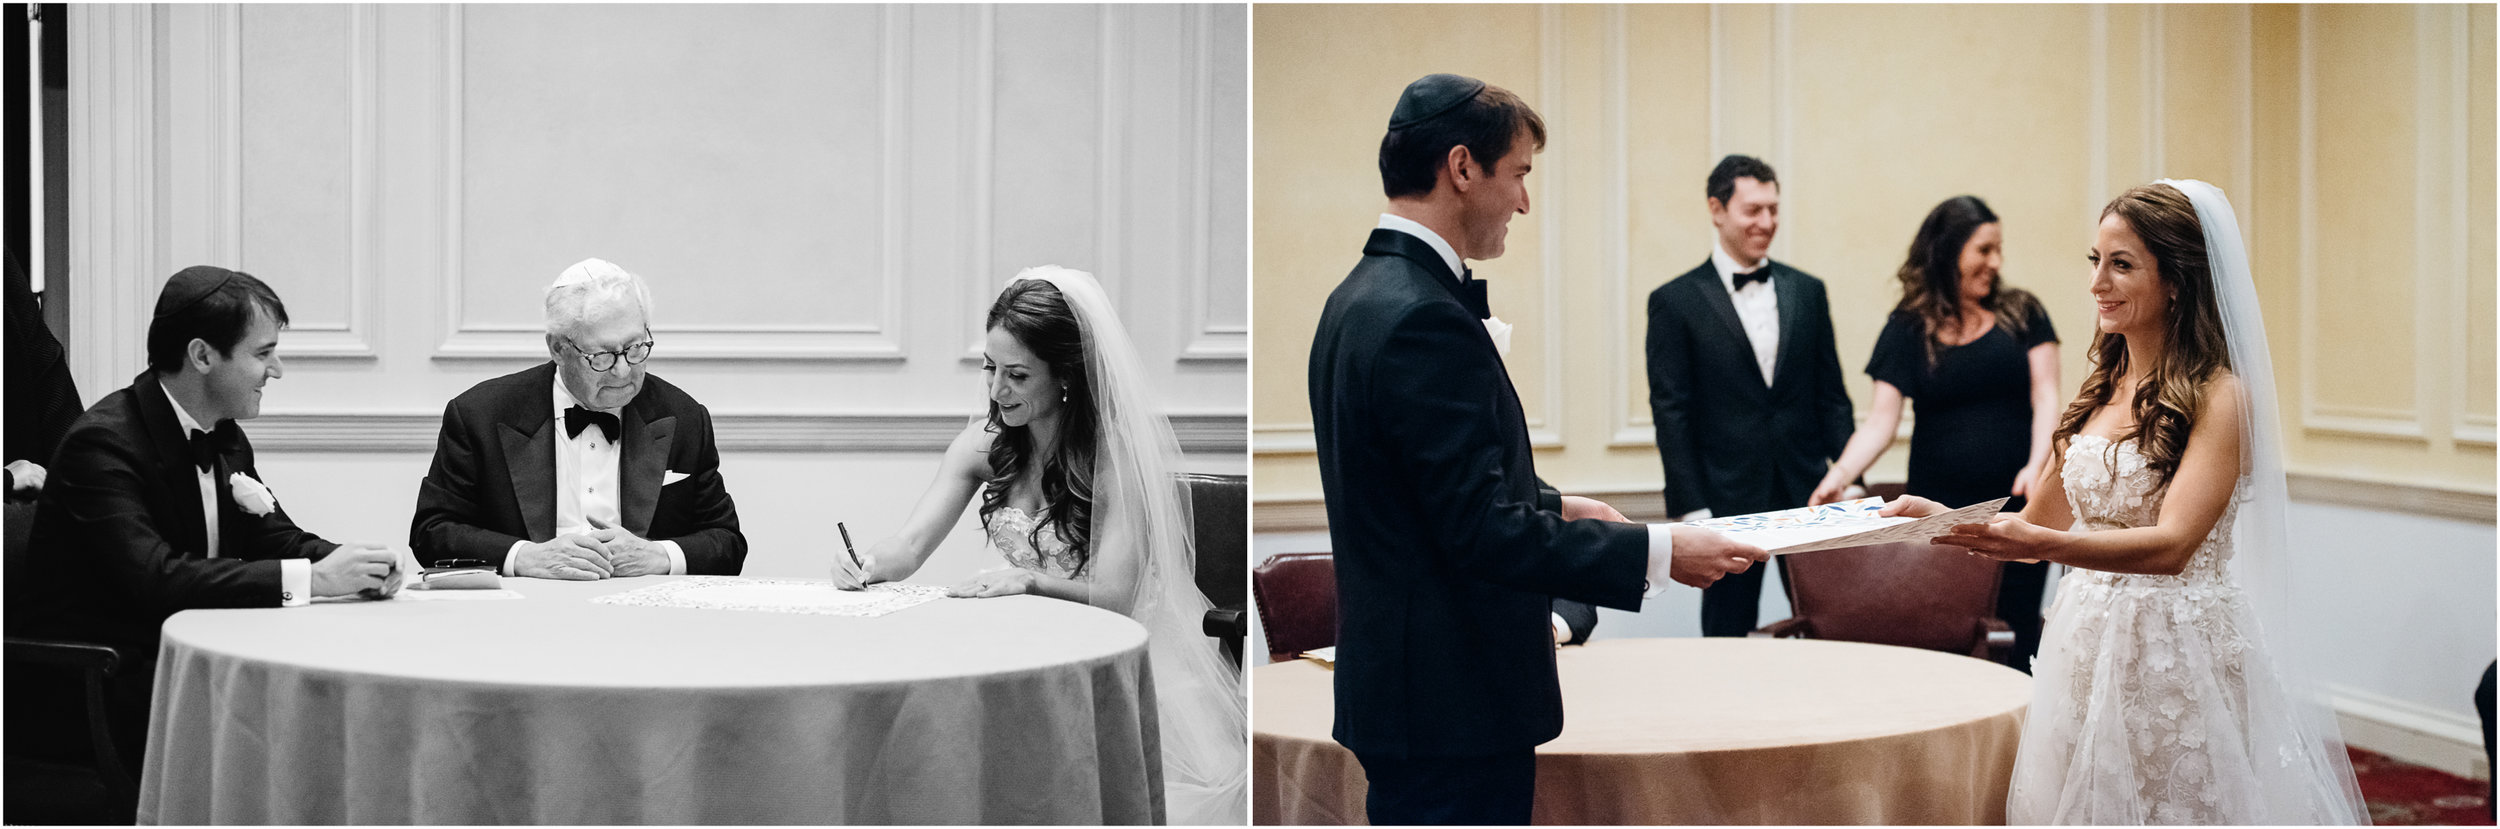 Ketuba signing, jewish wedding pittsburgh pa.jpg